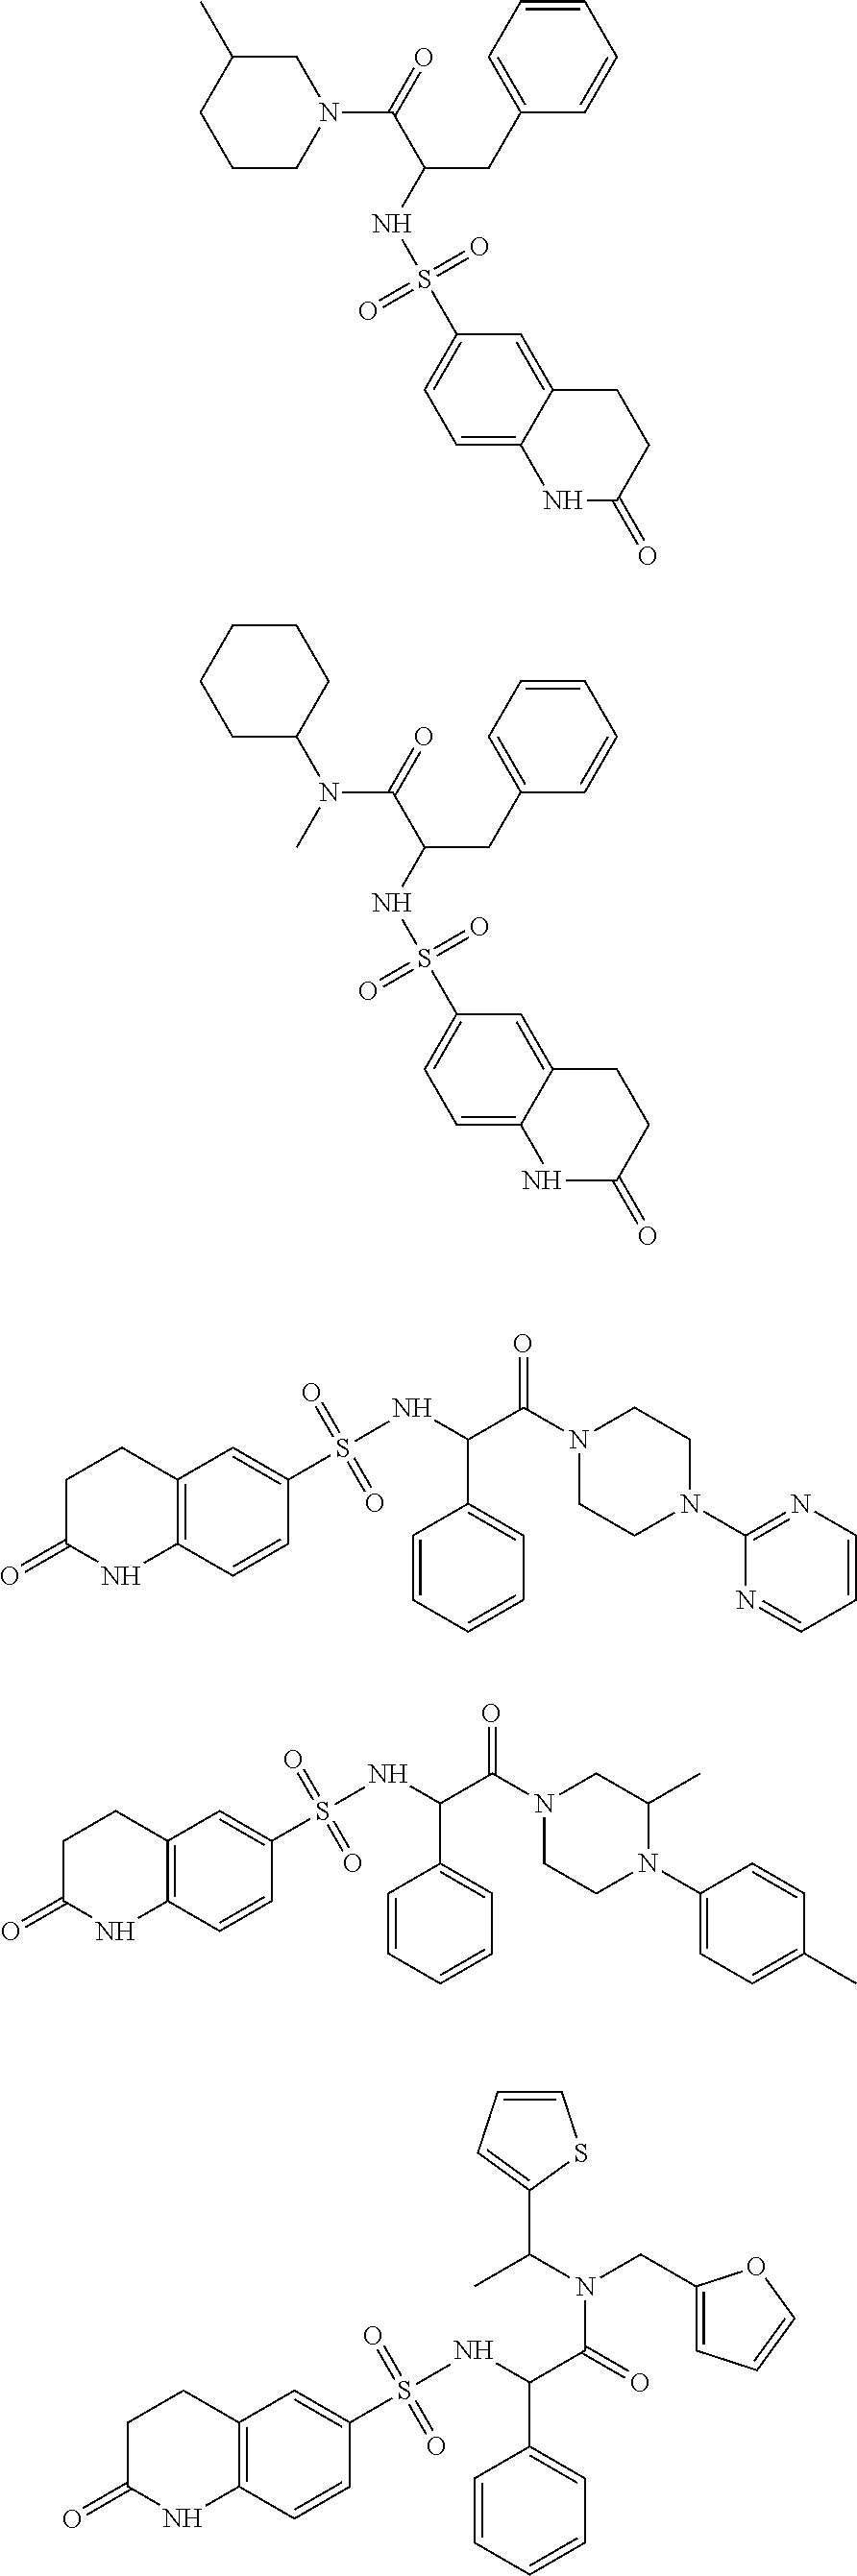 Figure US08957075-20150217-C00106